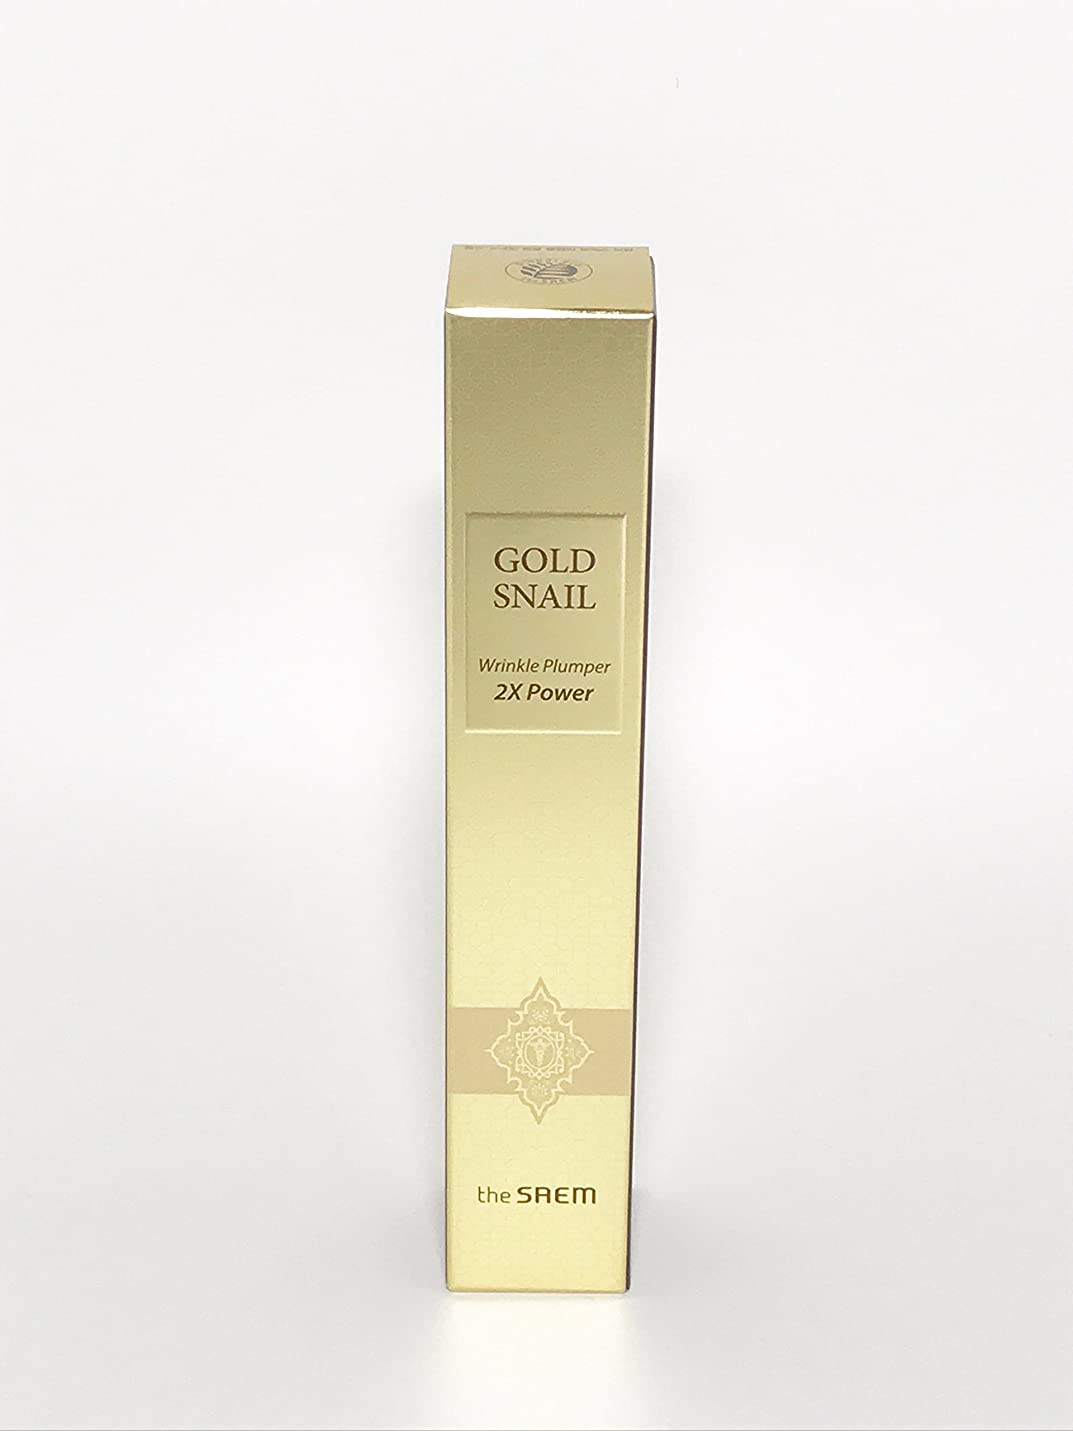 退化するフィヨルド輸送GOLD SNAIL Wrinkle Plumper 2×Power ゴールドスネイル リンクルプランパー 2×パワー【並行輸入品】